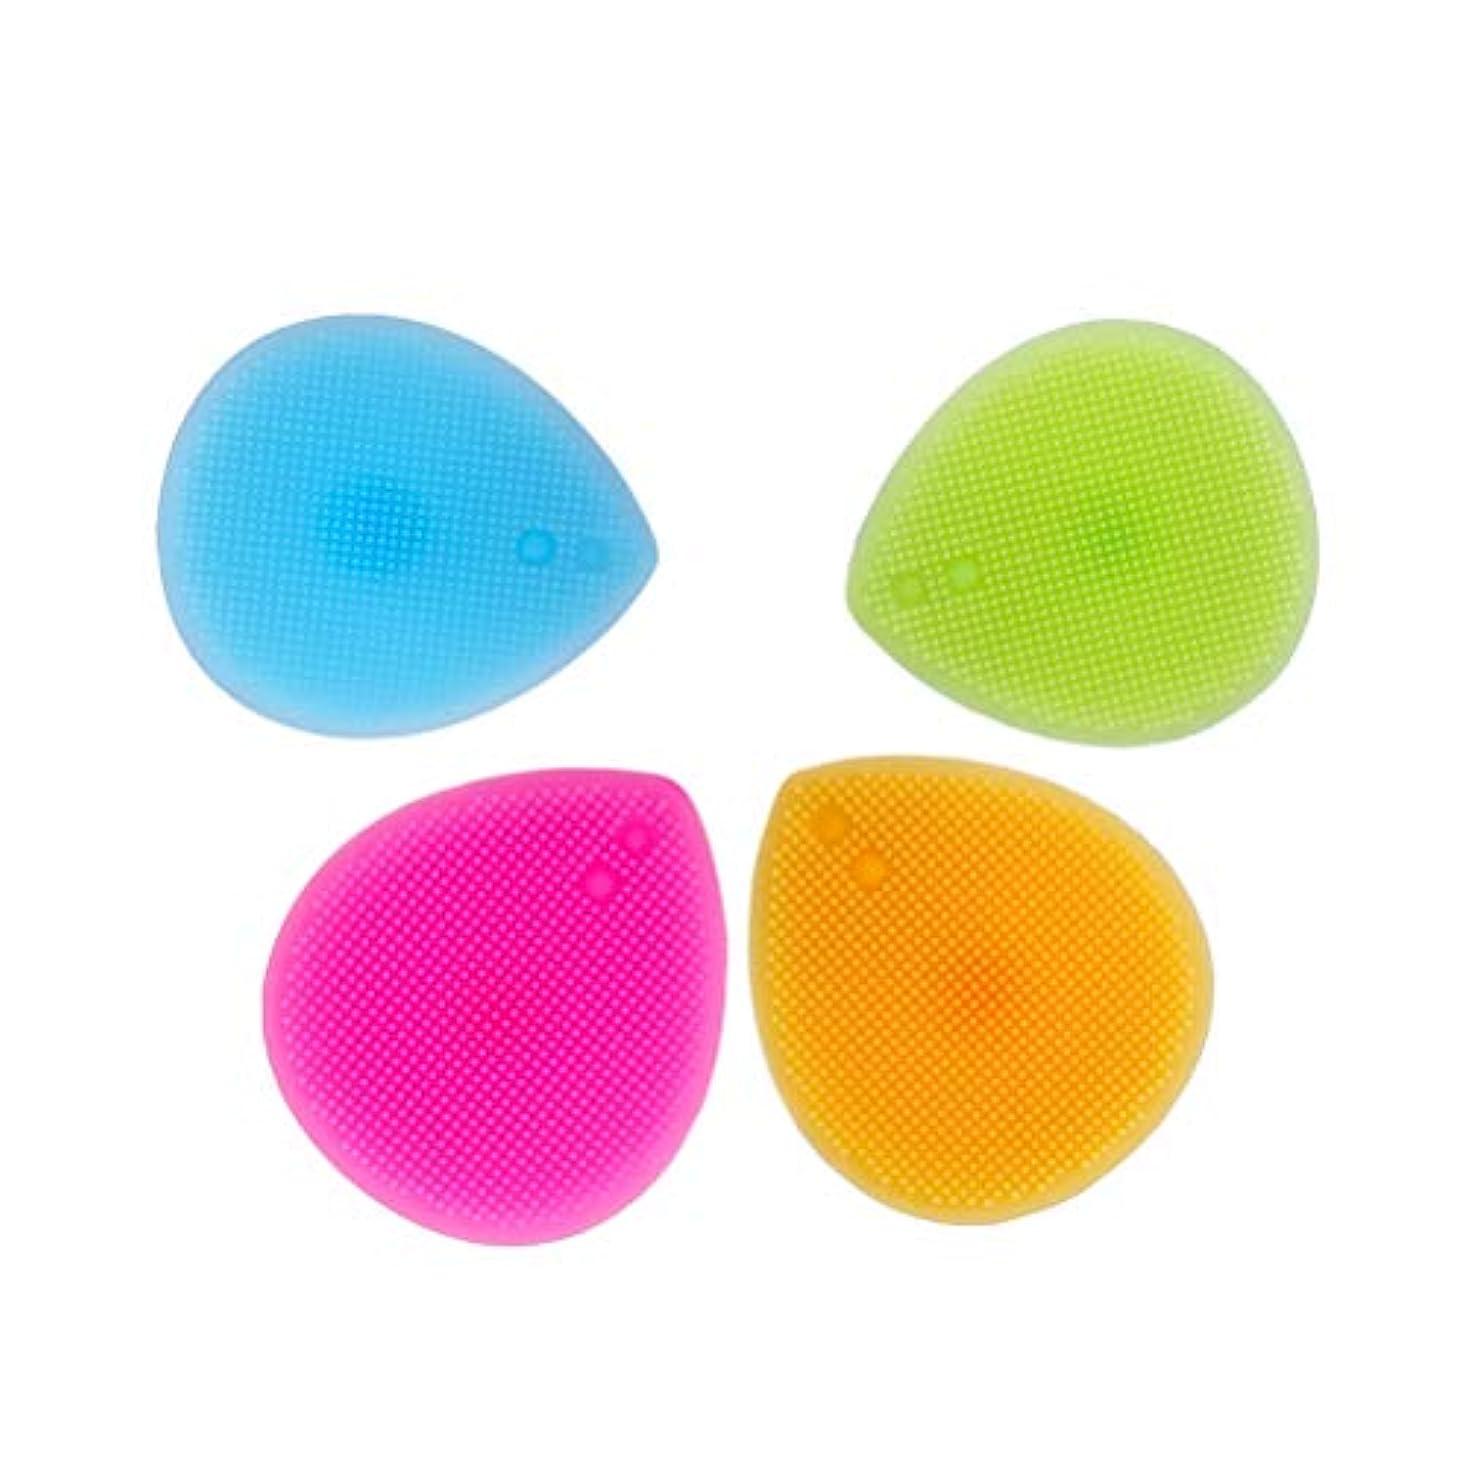 束プレミア微視的HEALIFTY シリコーンブラシクリーナー4PCSメイクアップブラシクリーニングパッドリトルラバーマット(オレンジ+ローズ+ブルー+グリーン)